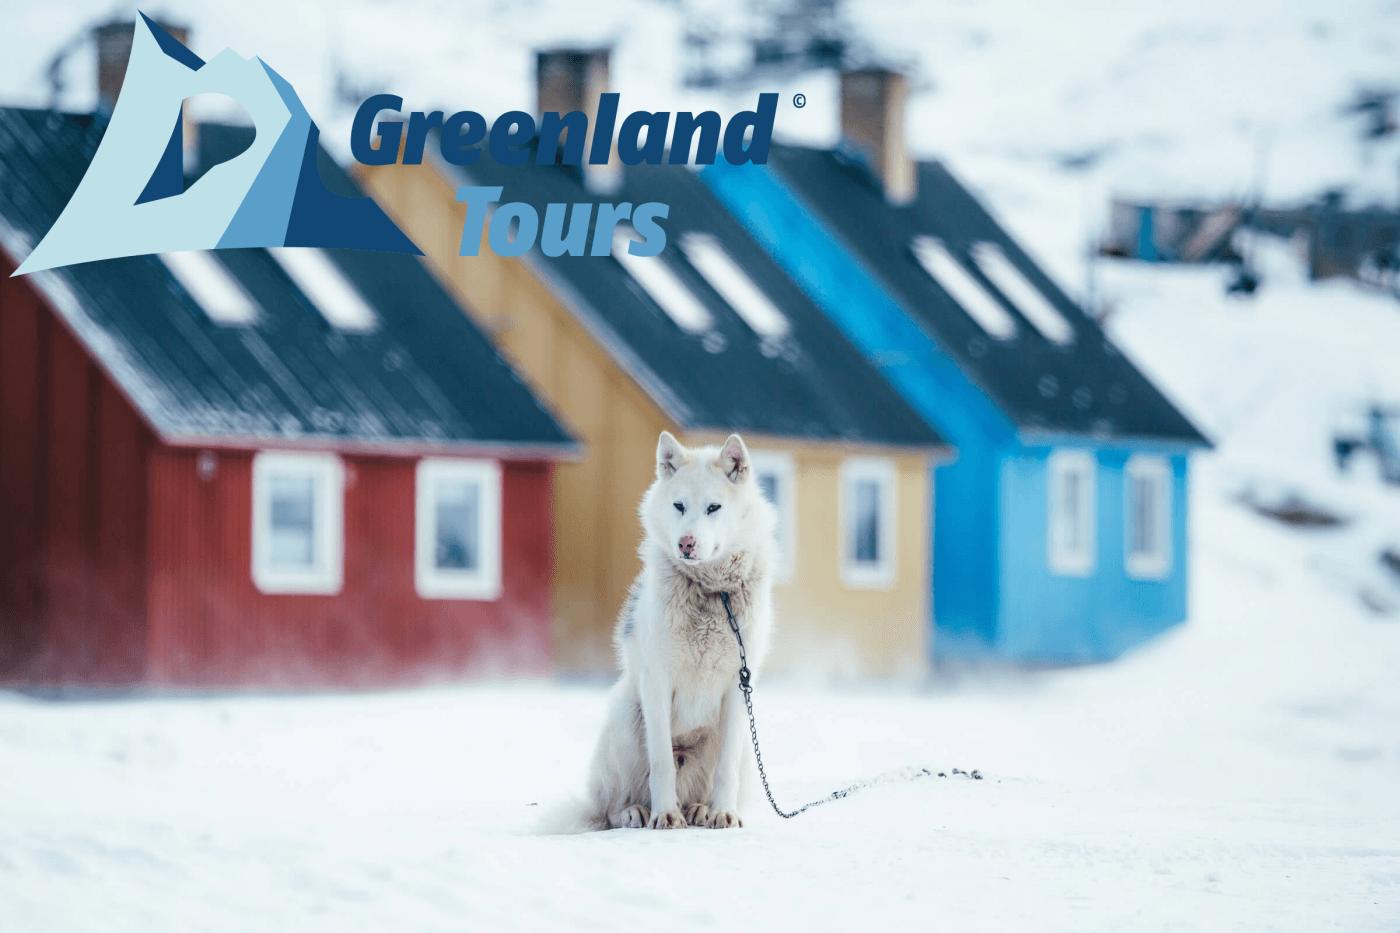 Greenland Tours: Eisiger Westen